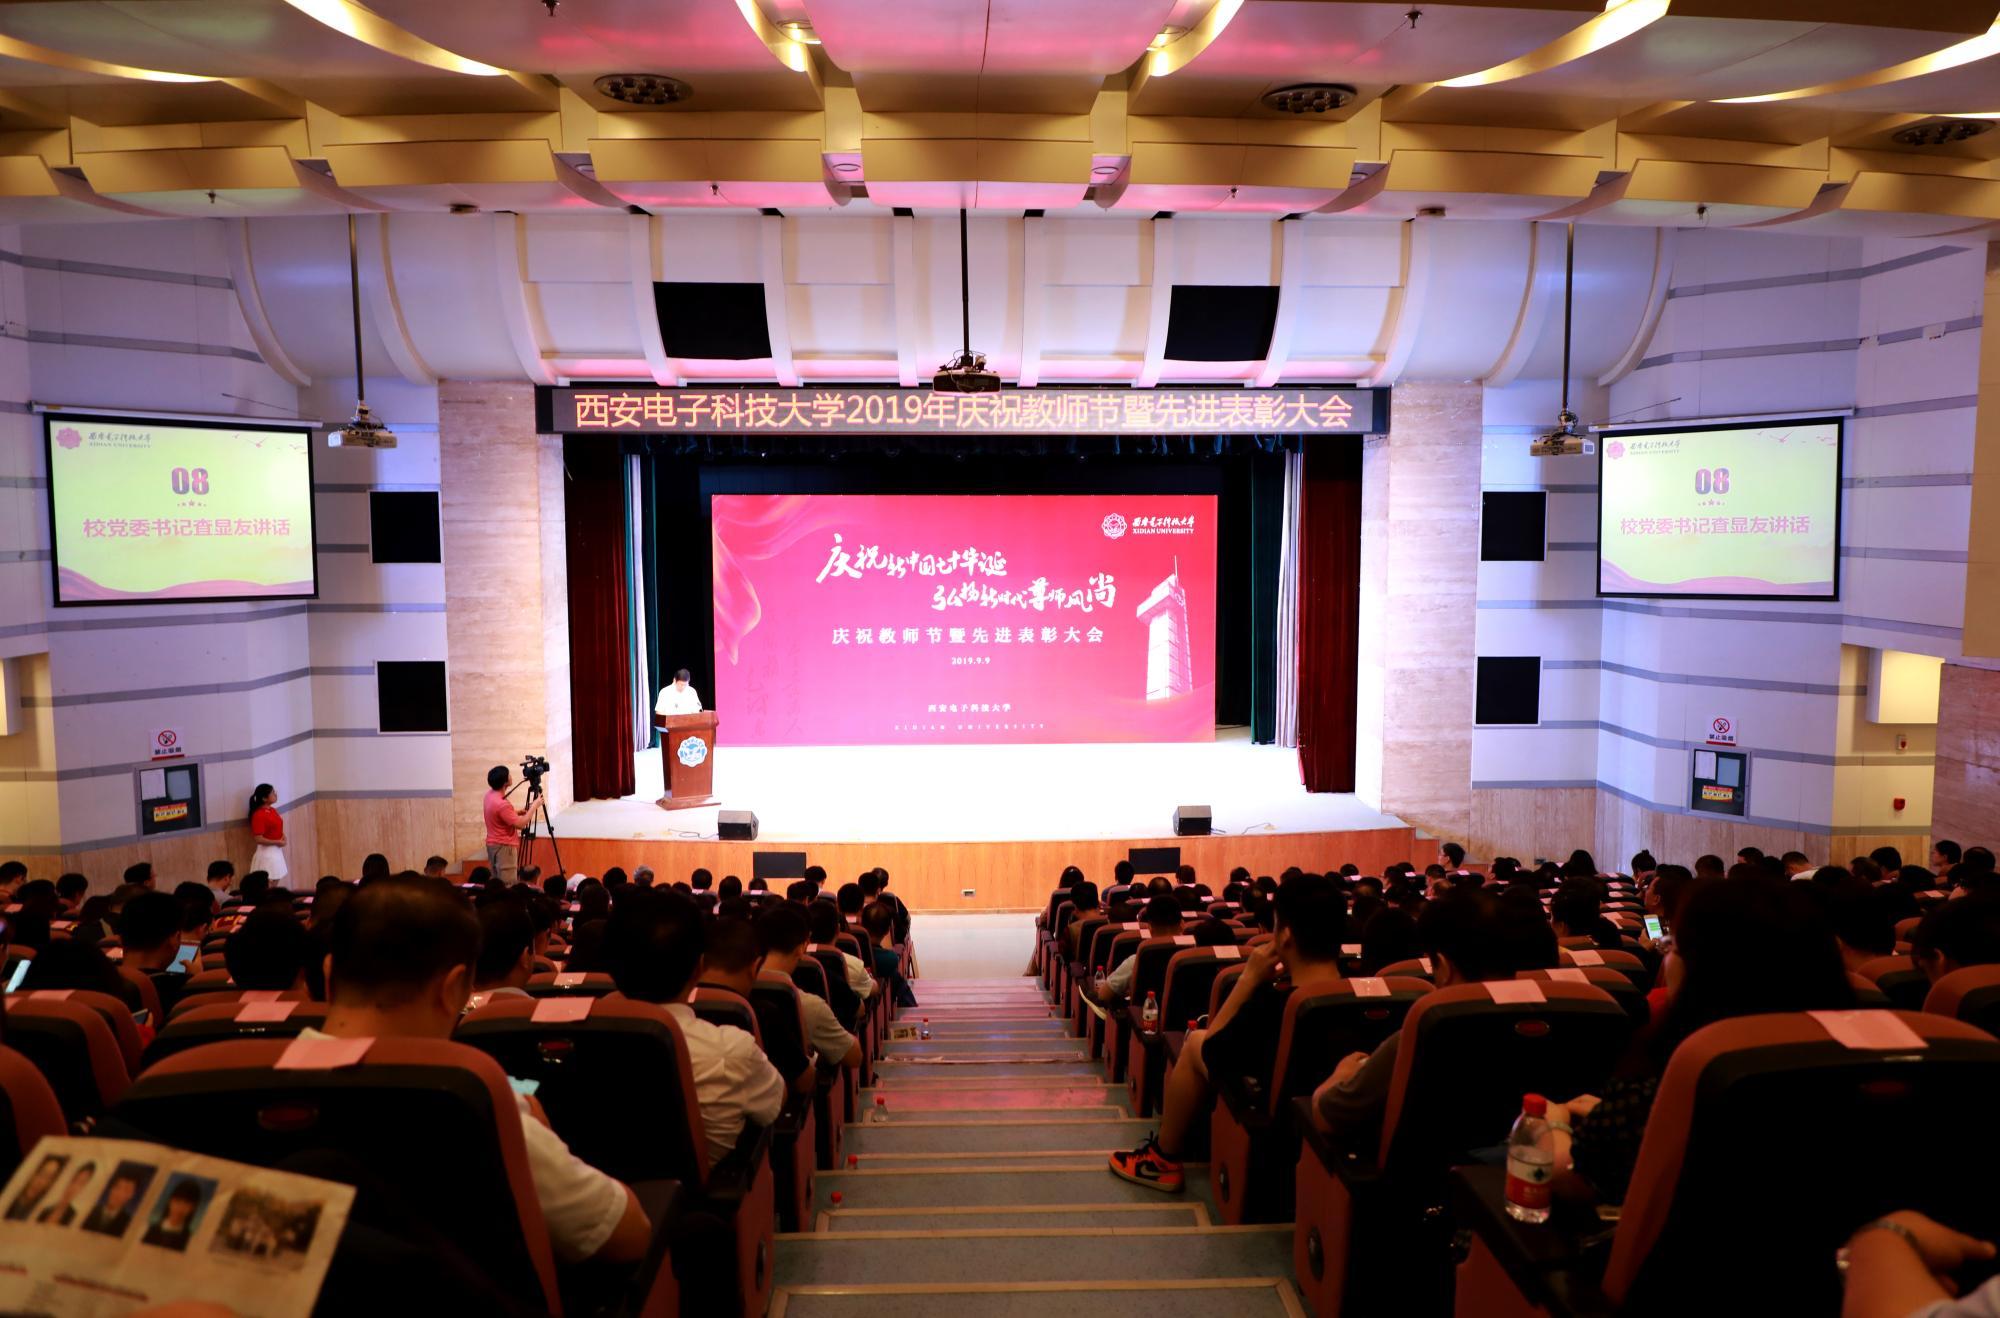 教师节|西电庆祝第35个教师节暨先进表彰大会